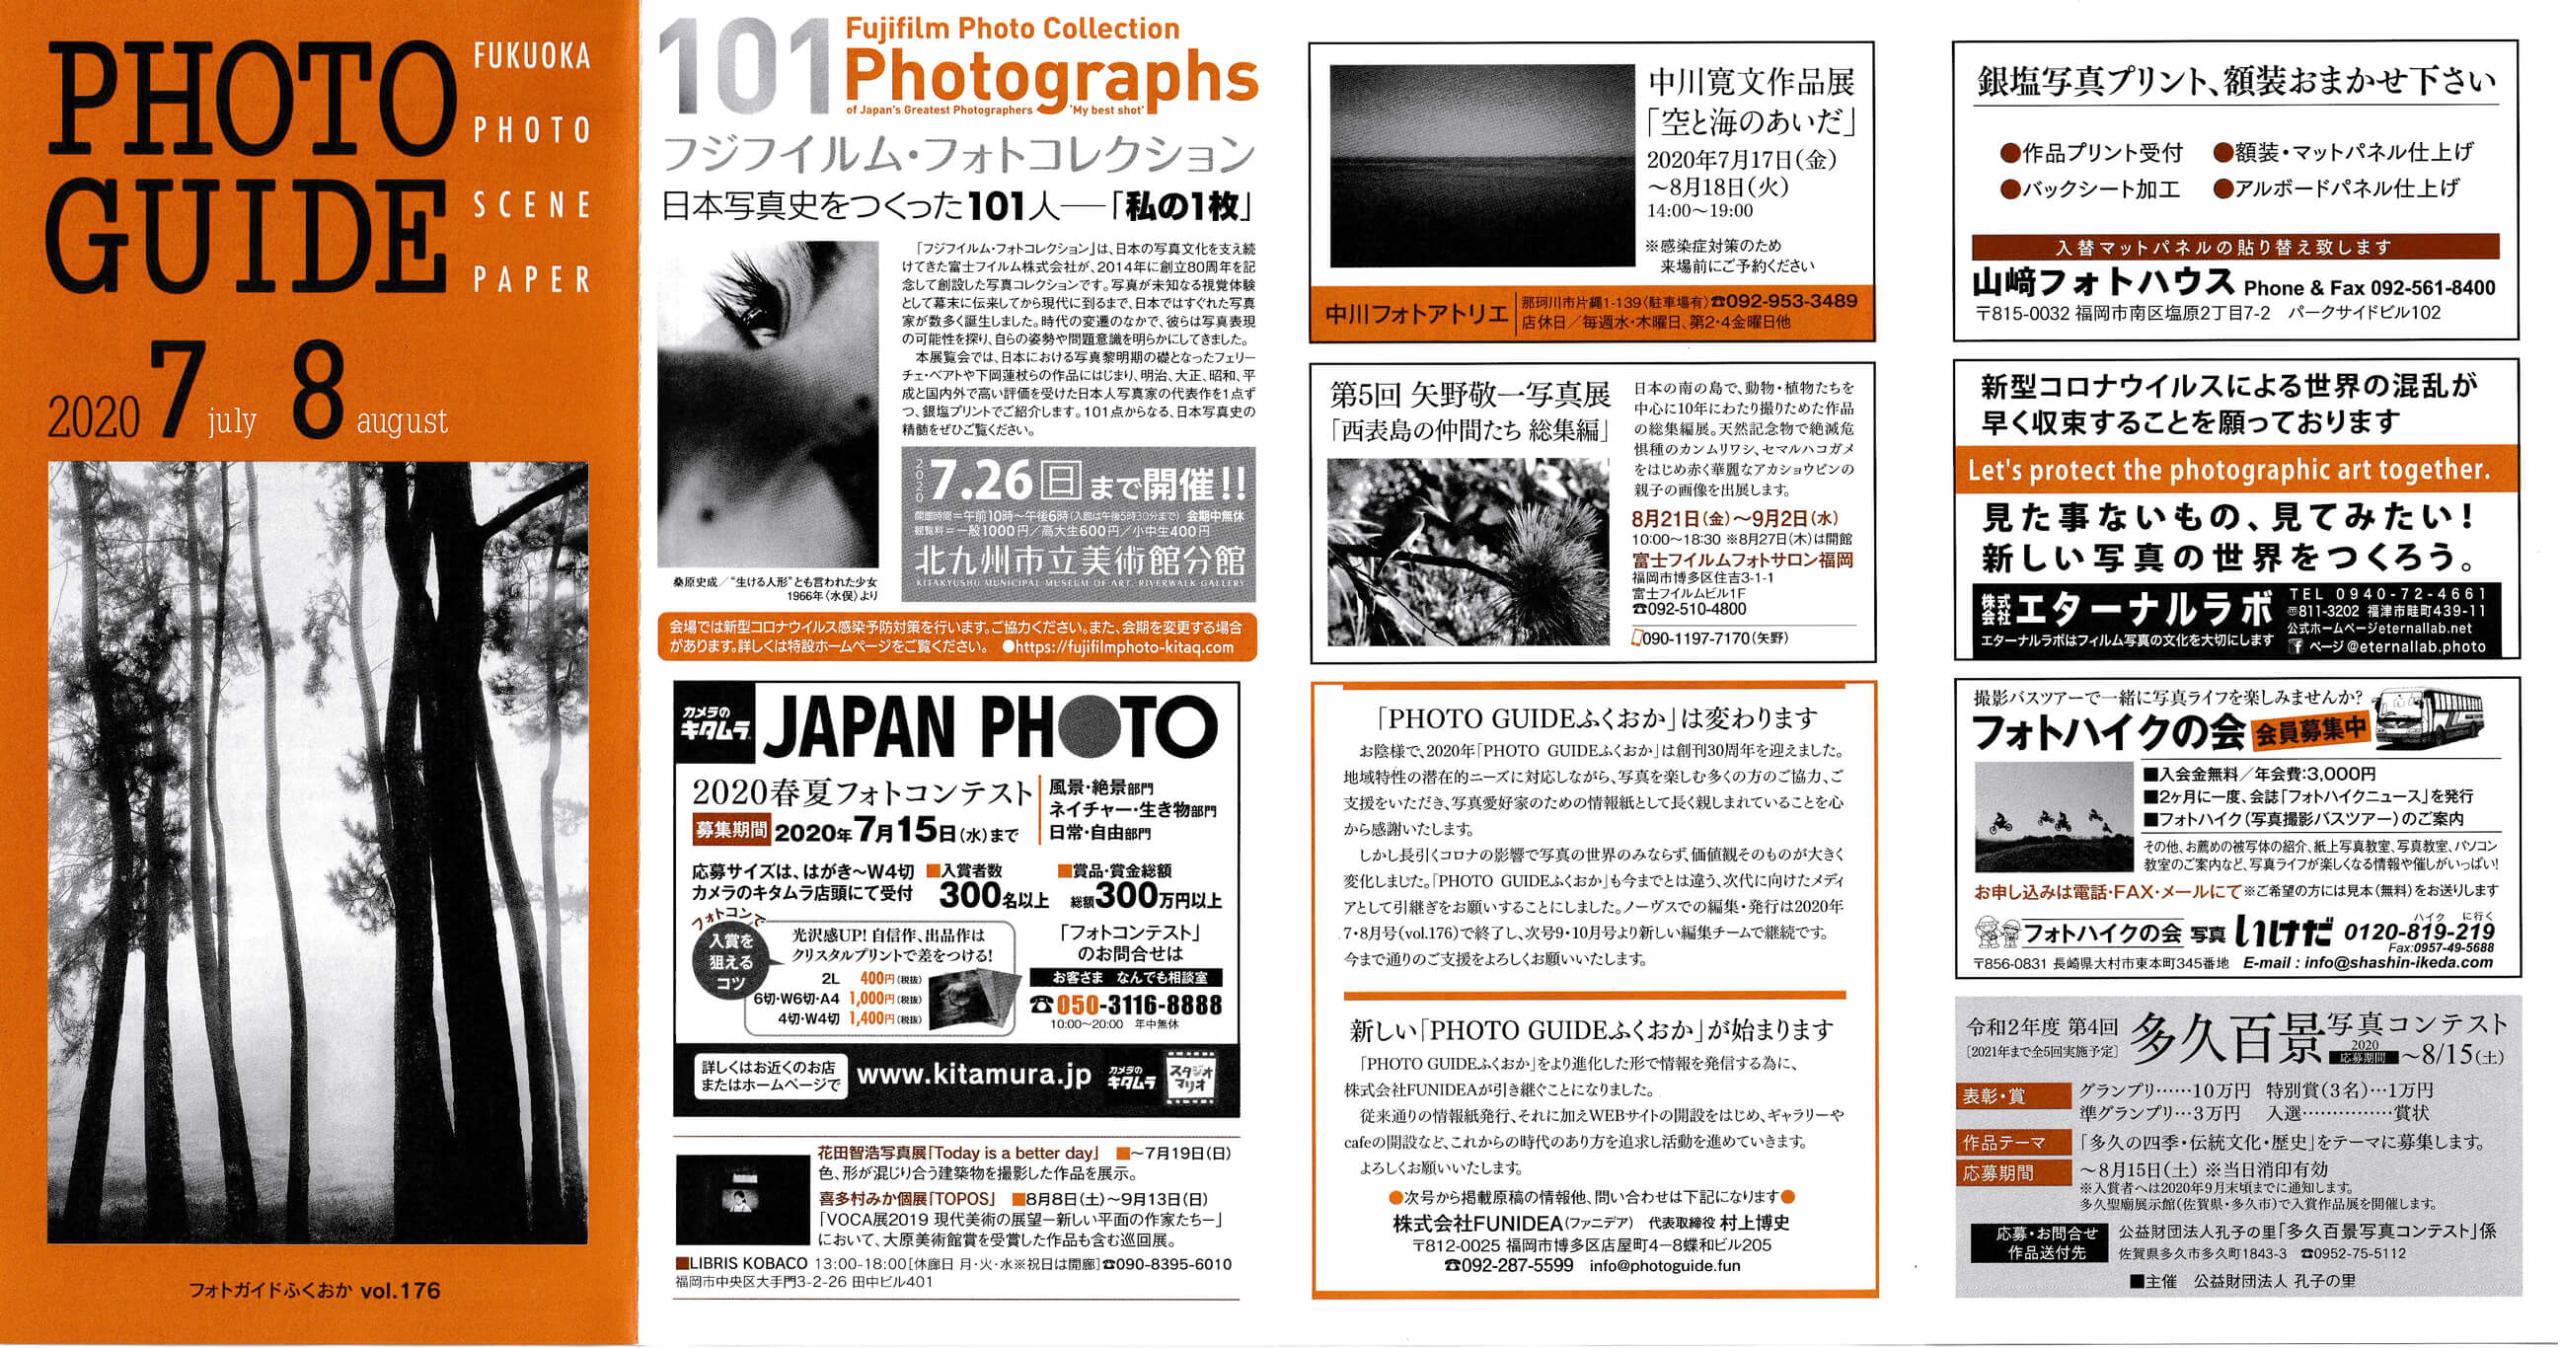 フォトガイドふくおか|アーカイブ|vol176